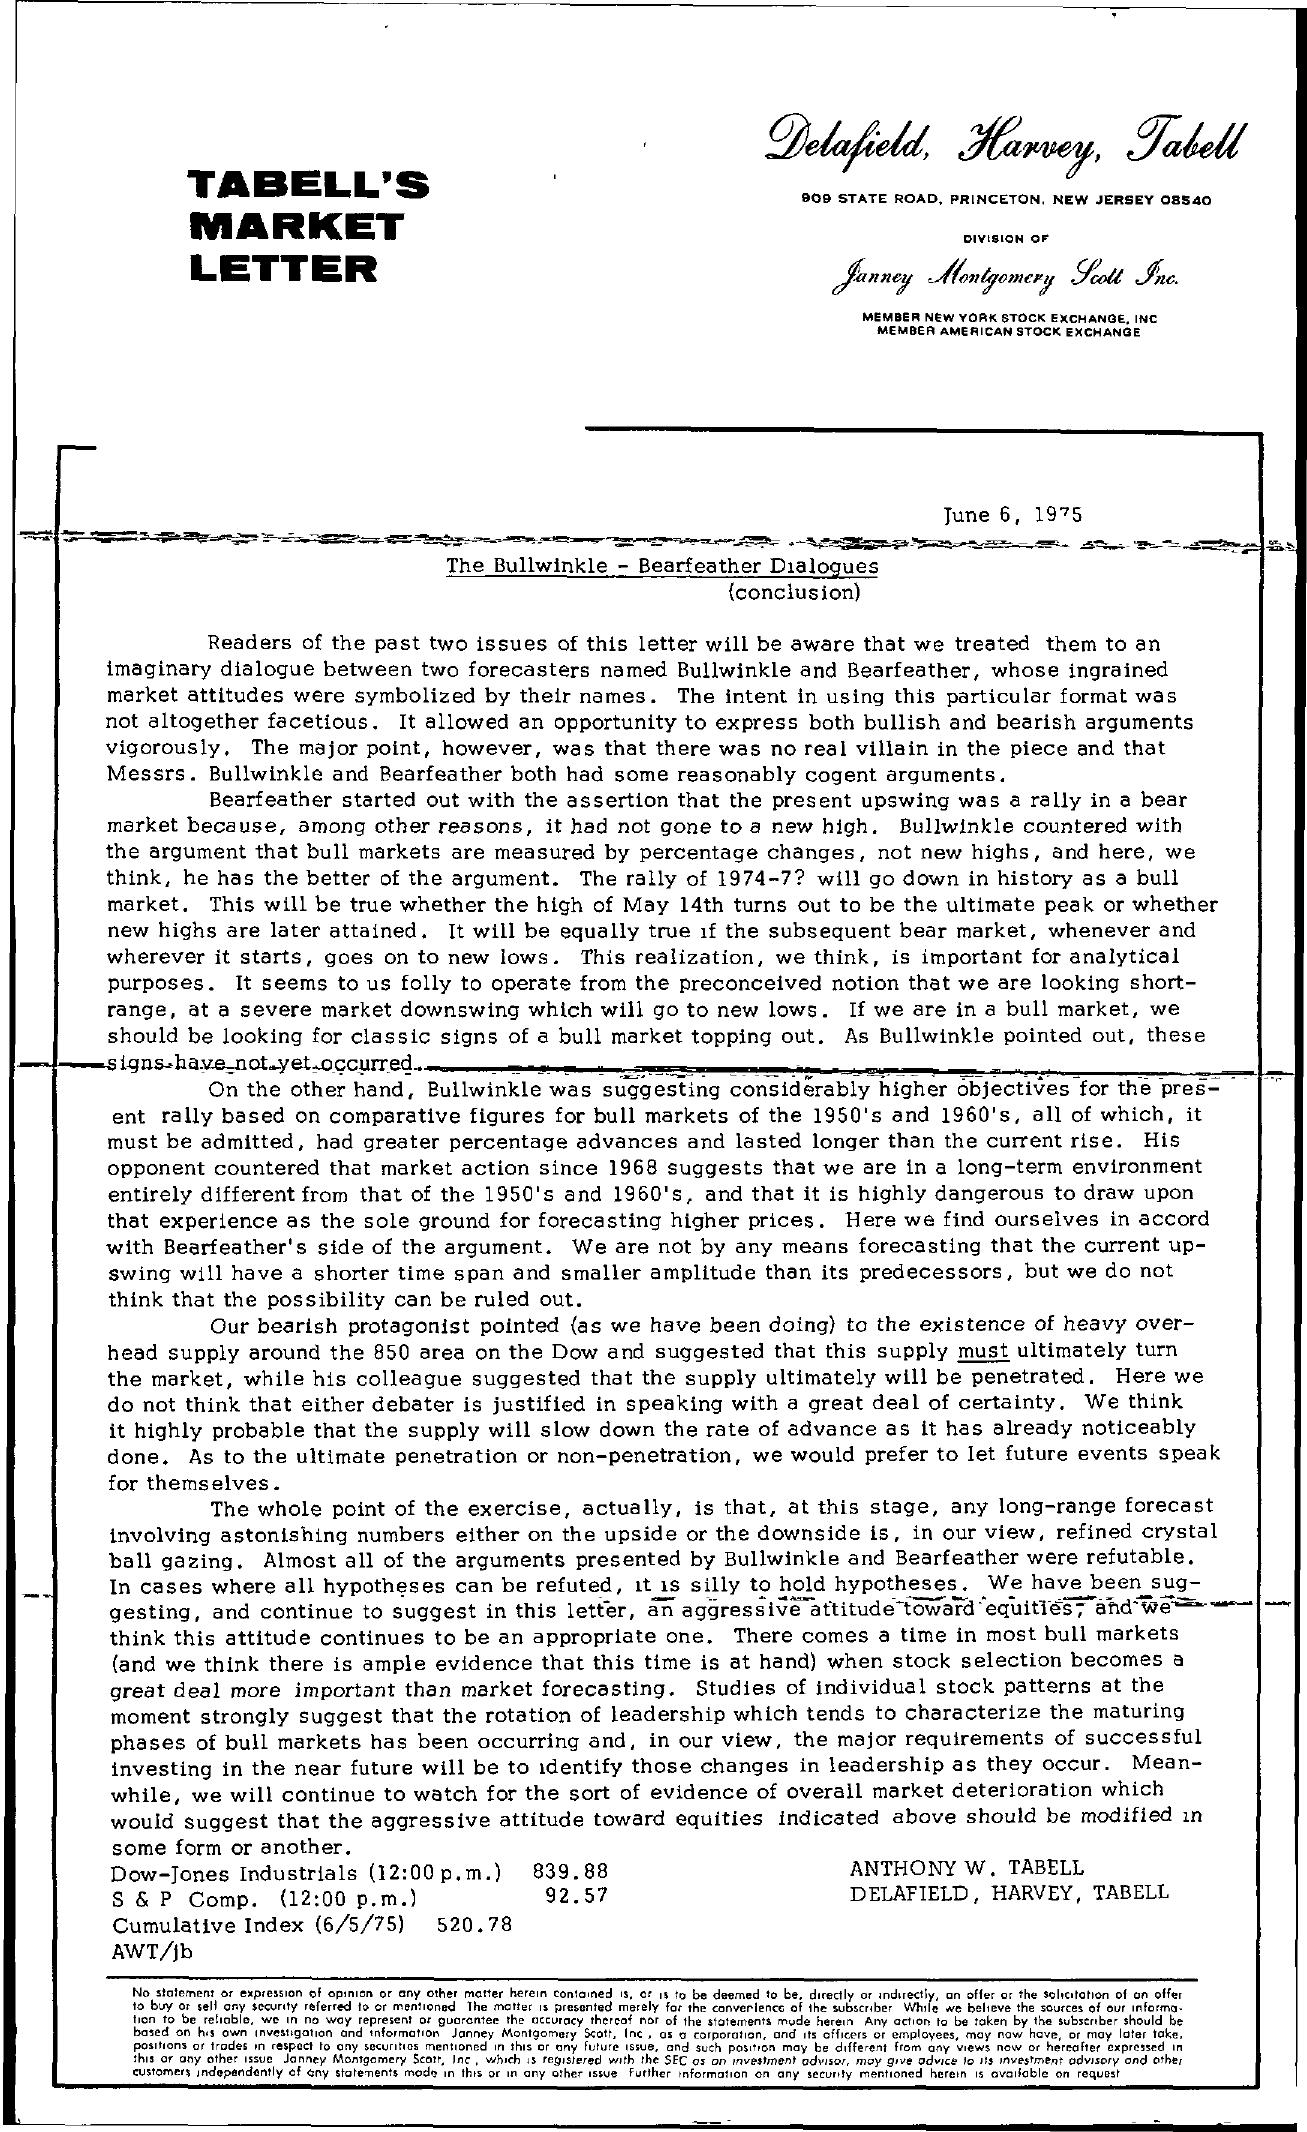 Tabell's Market Letter - June 06, 1975